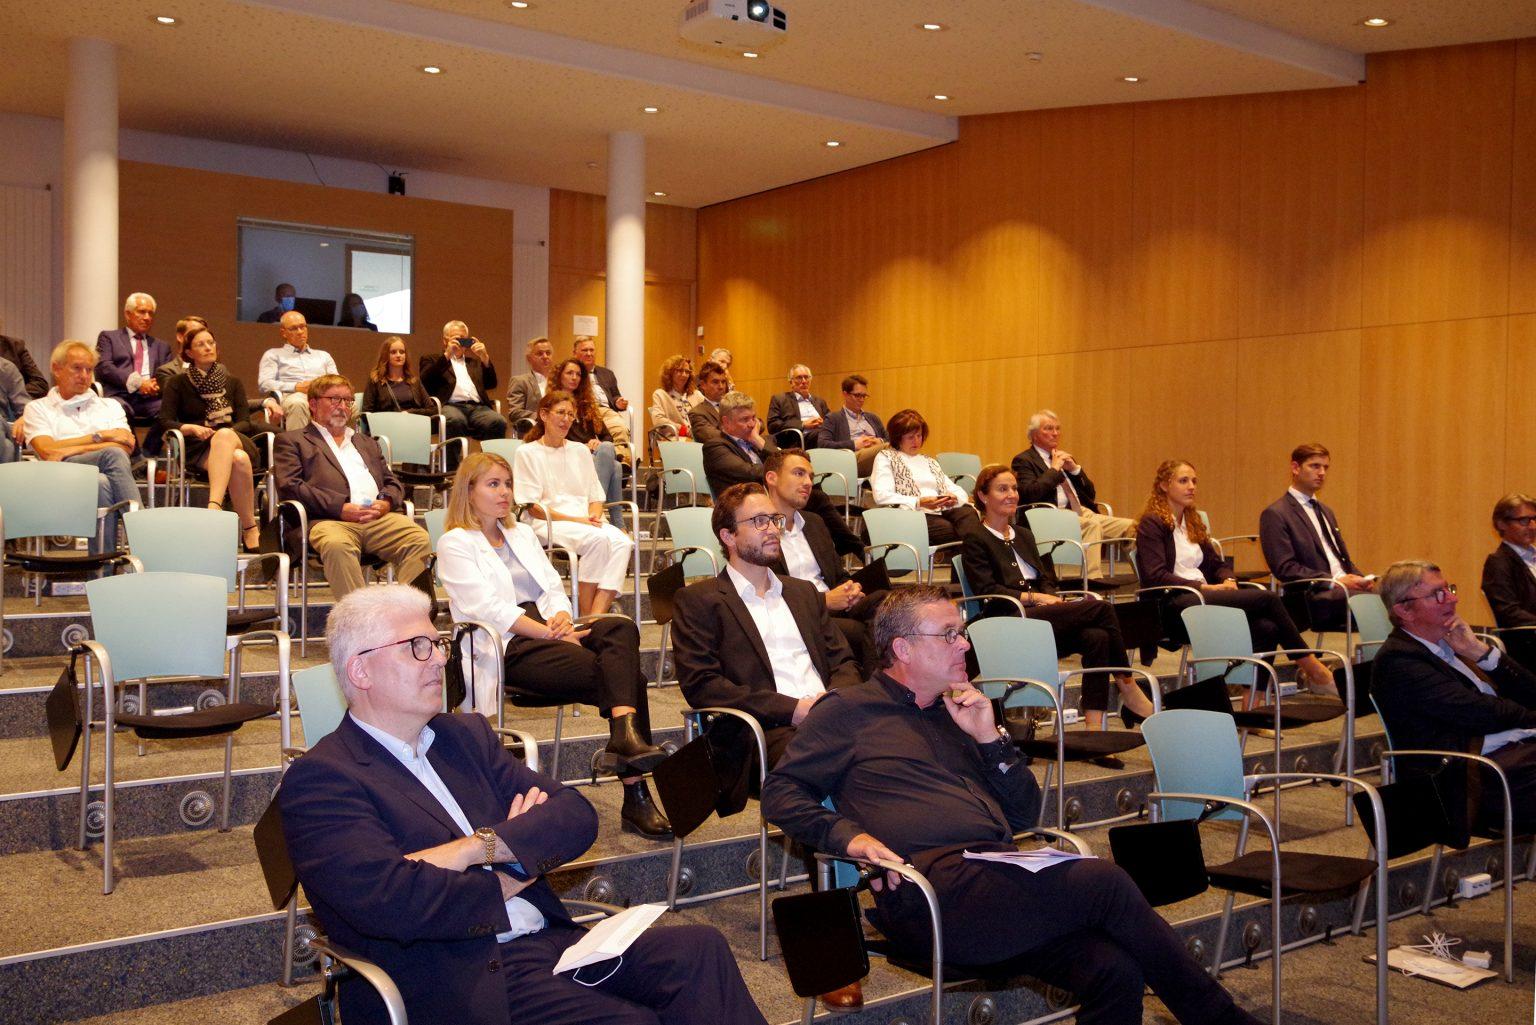 The auditorium of the Freiburg Dental Center